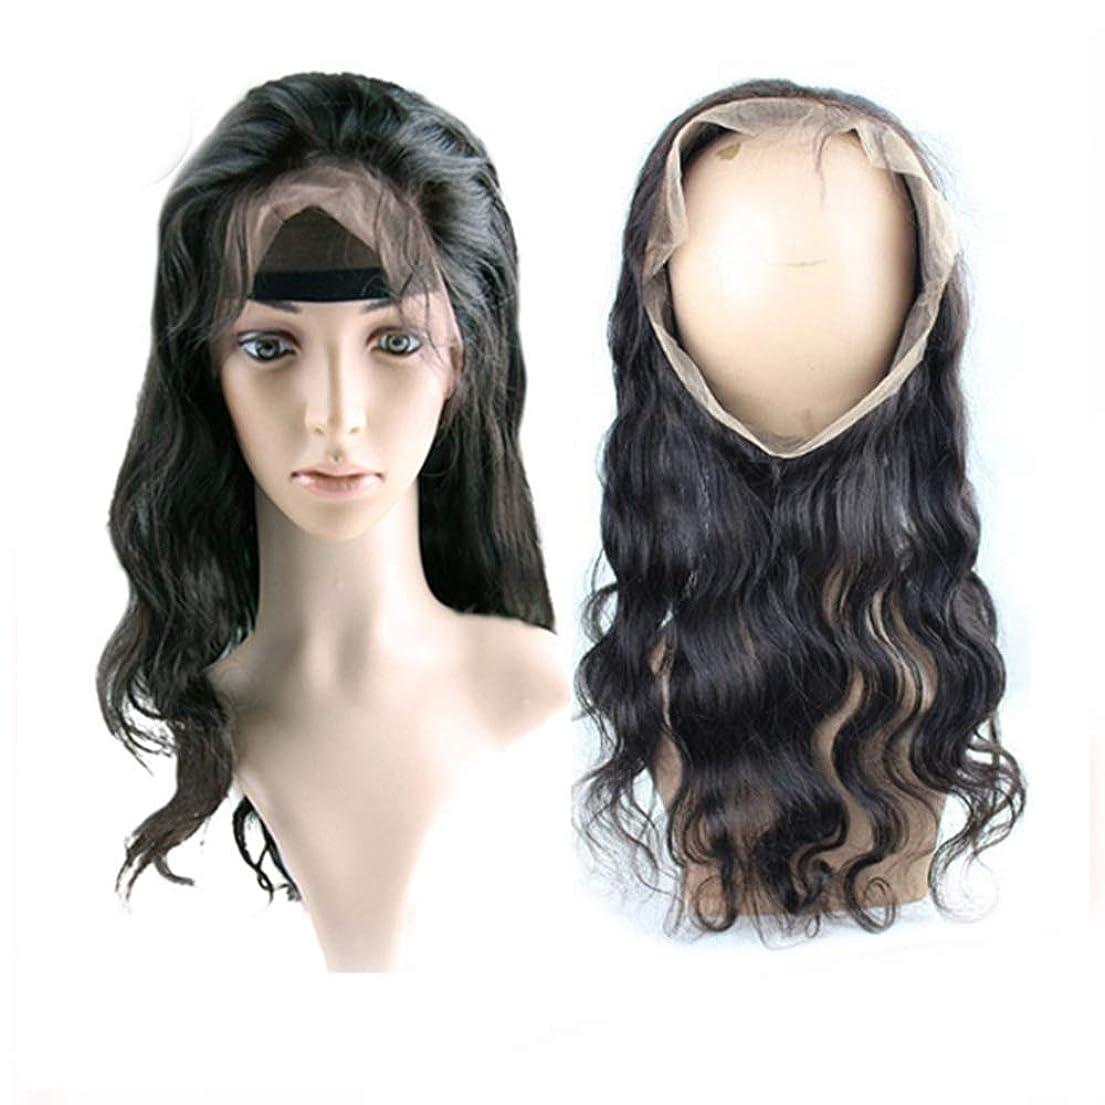 保存引く未就学BOBIDYEE 360°ヘアピース本物の髪の毛フルハンドメイドフルレースウィッグロングカーリーヘアは染めることができます複合ヘアレースウィッグロールプレイングかつら (色 : 黒, サイズ : 12inch)